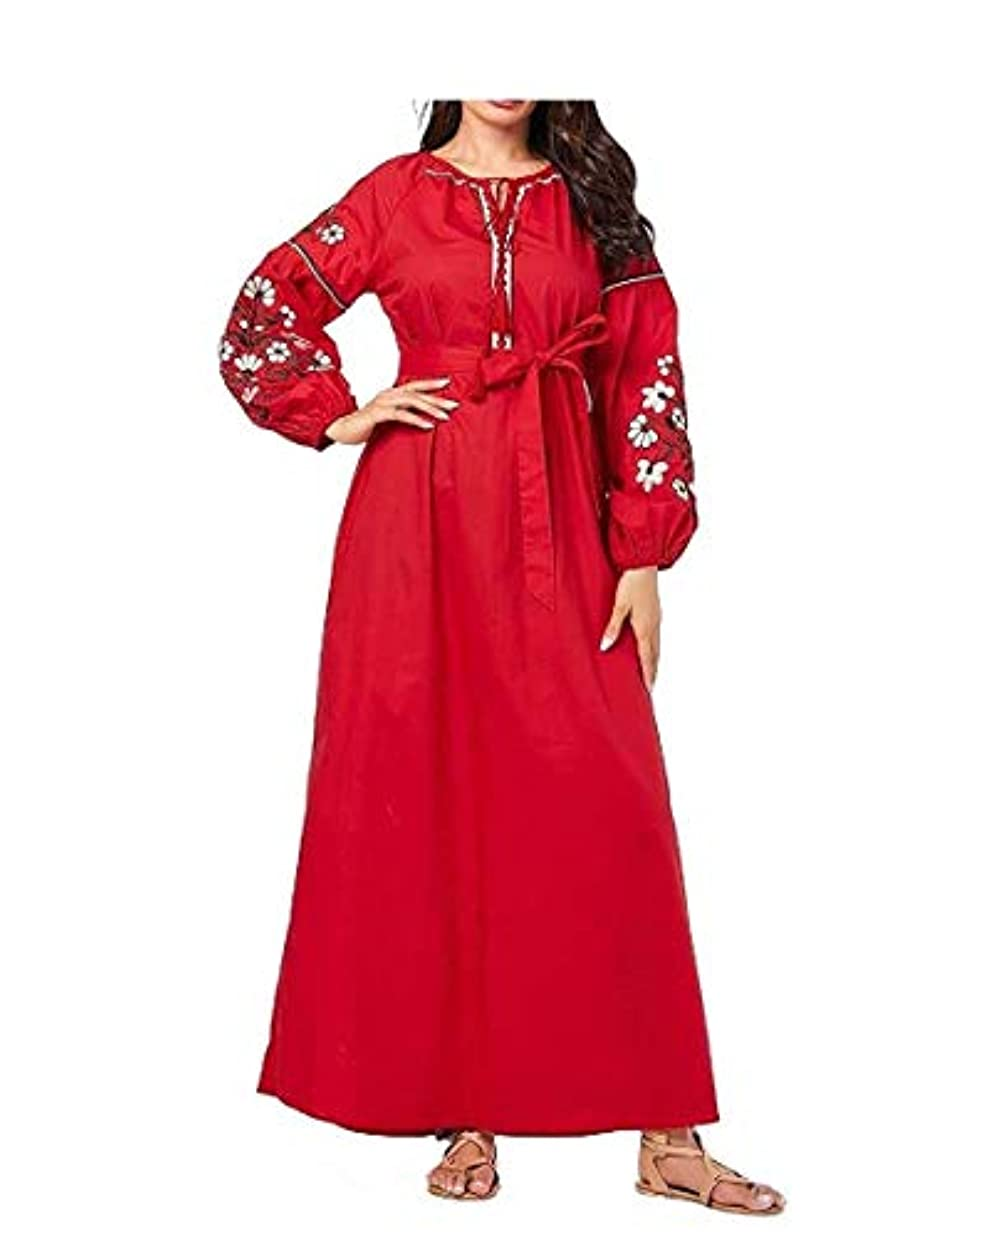 トランクライブラリ親愛な不十分Fly Year-JP 女性プラスサイズ刺繍長袖クラシックビッグヘムイスラム教徒のドレス As1 Medium